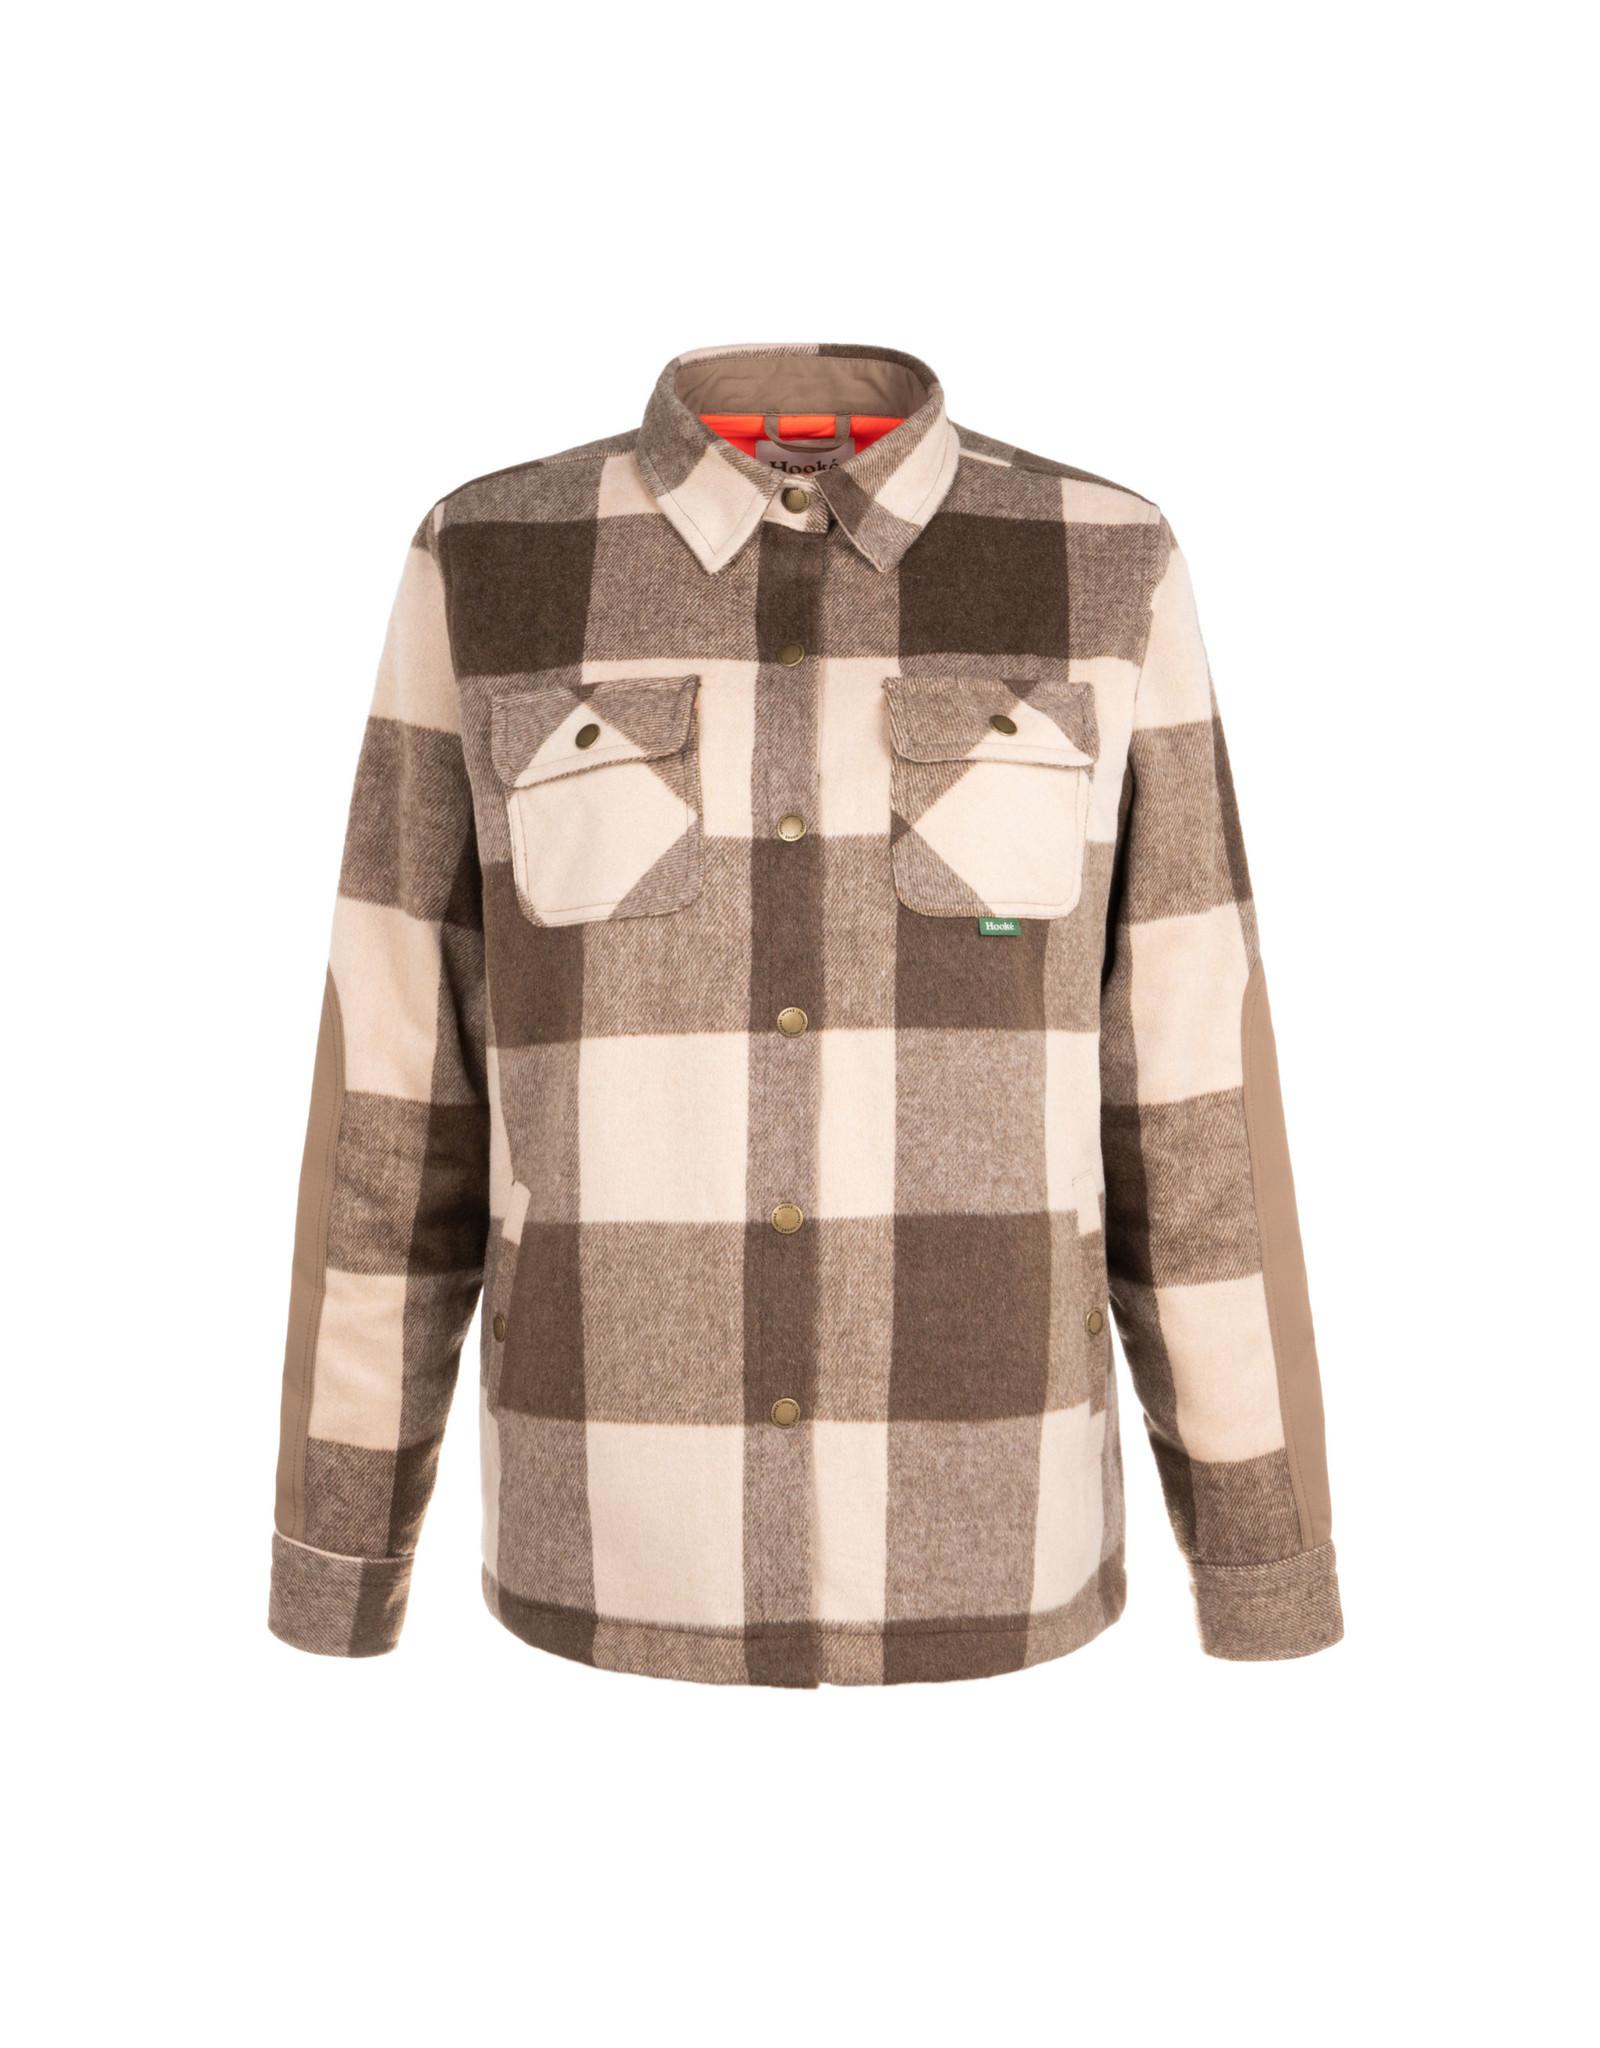 HOOKE Women's trapper wool shirt